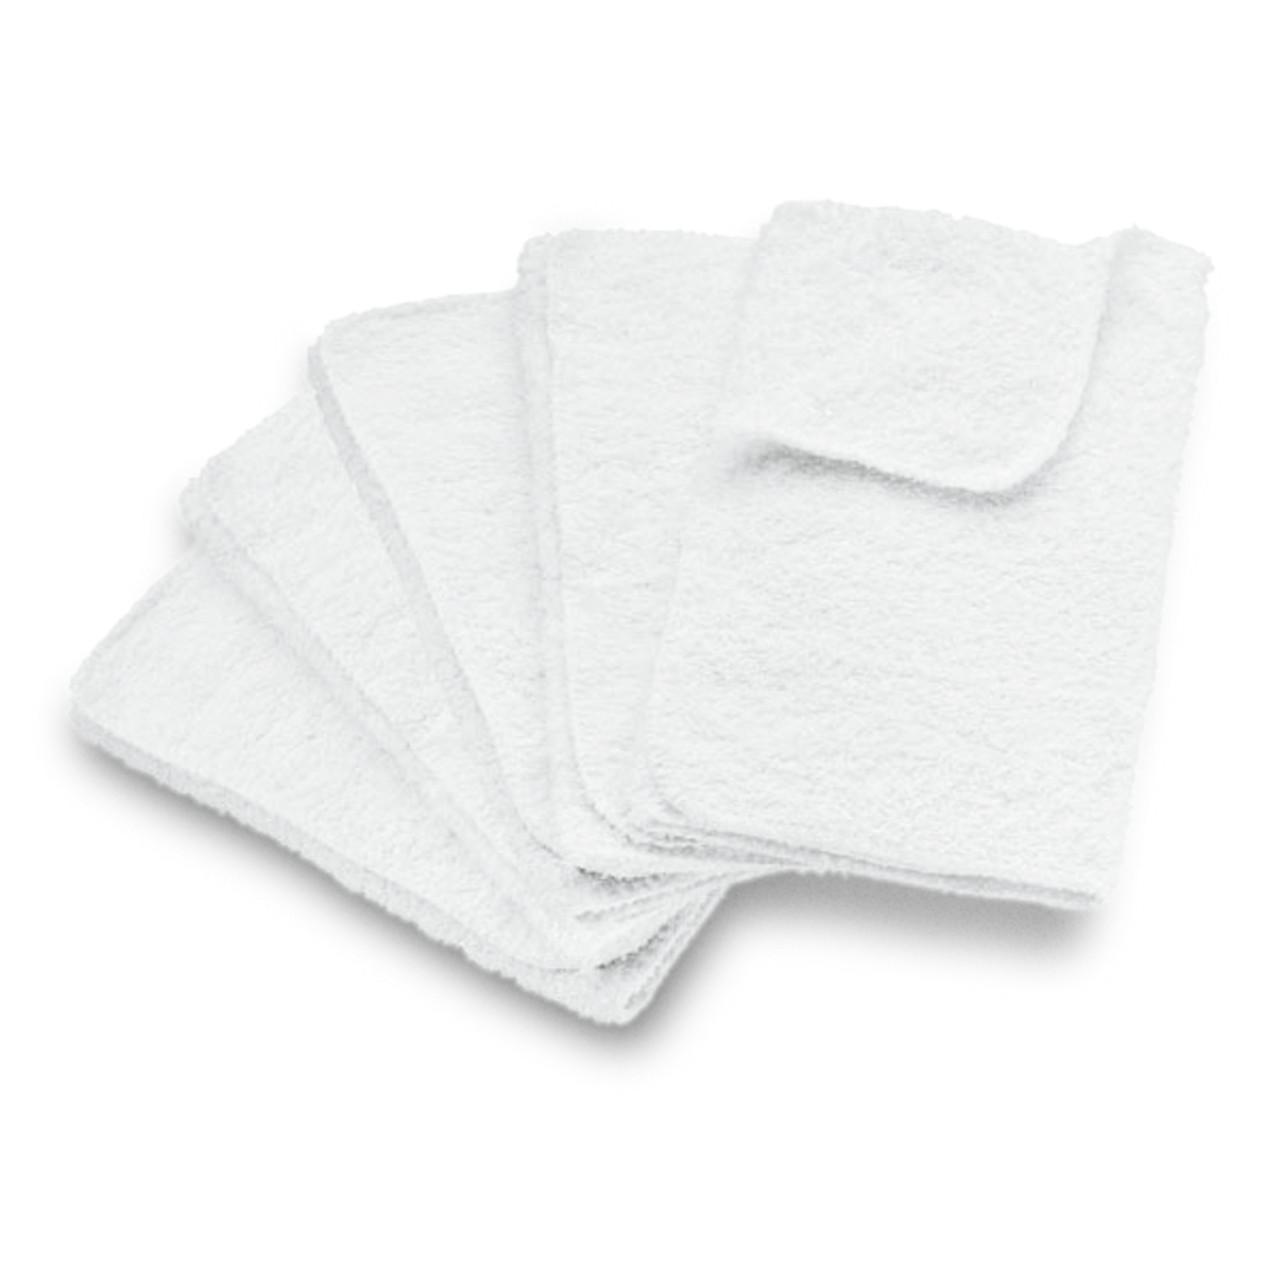 Комплект салфеток для пола (5 шт)